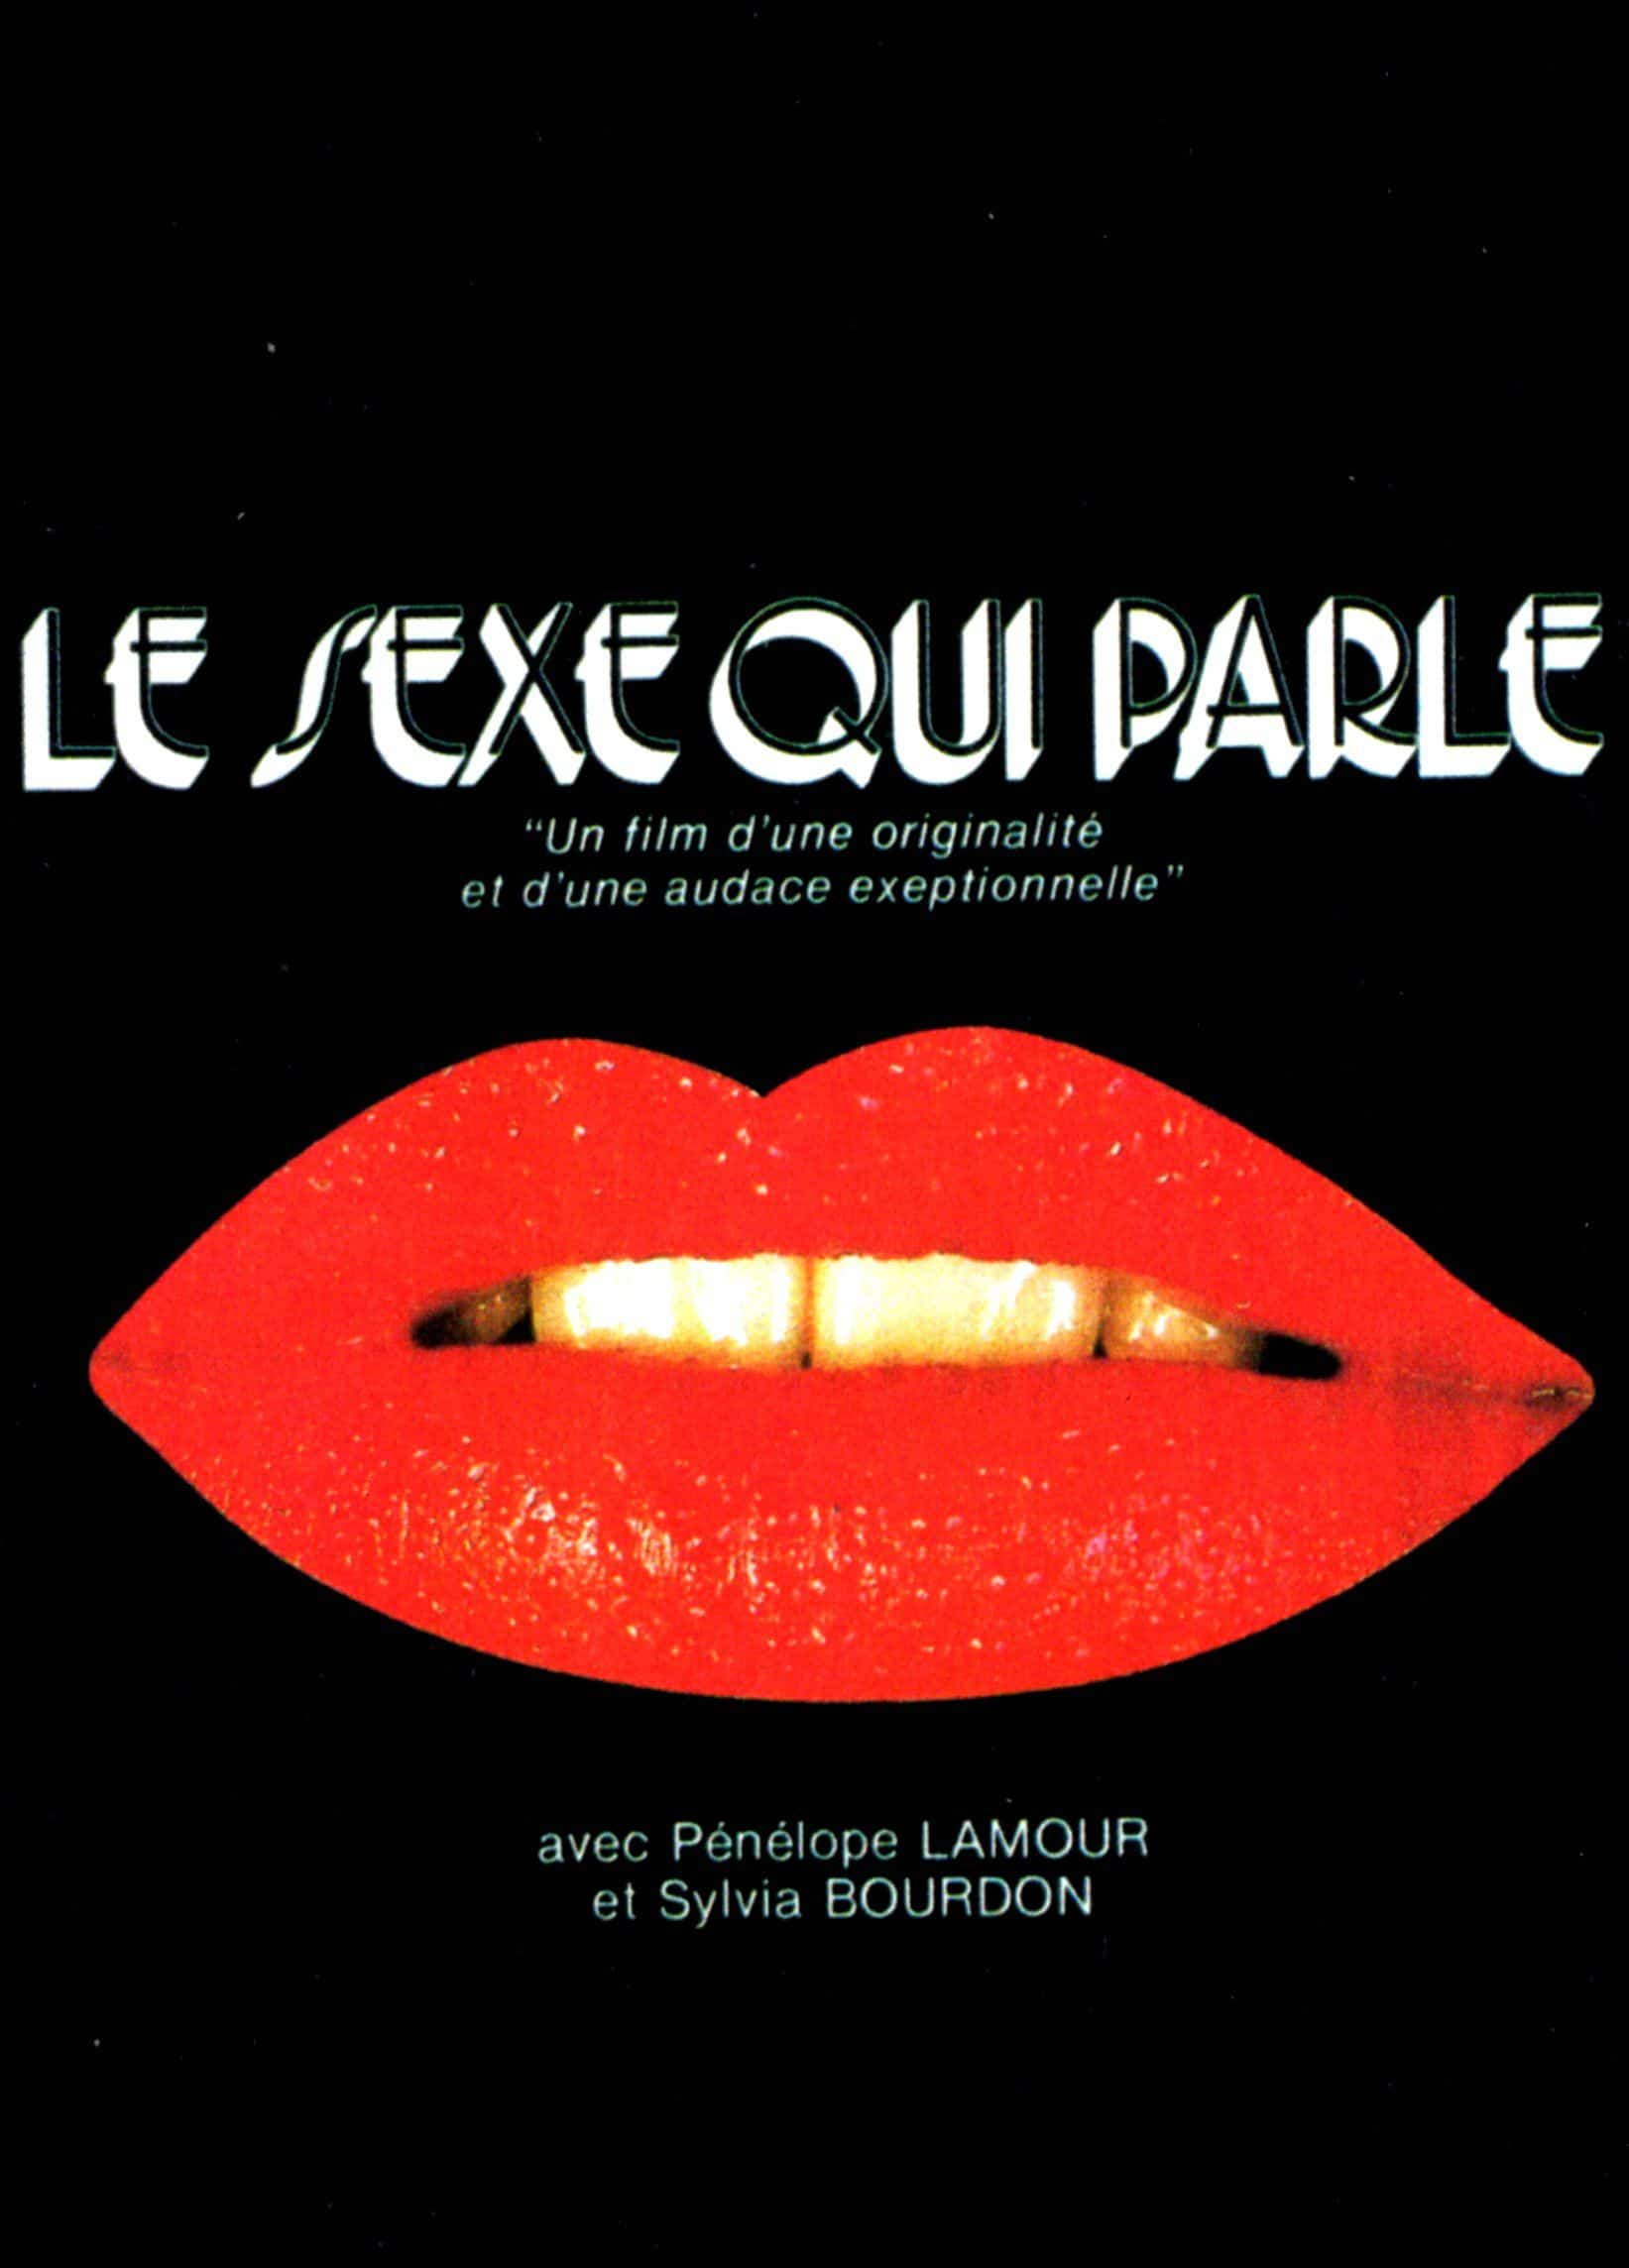 Le sexe qui Parle-Affiche-Rock'n'Râleur-ParisBazaar-Basset